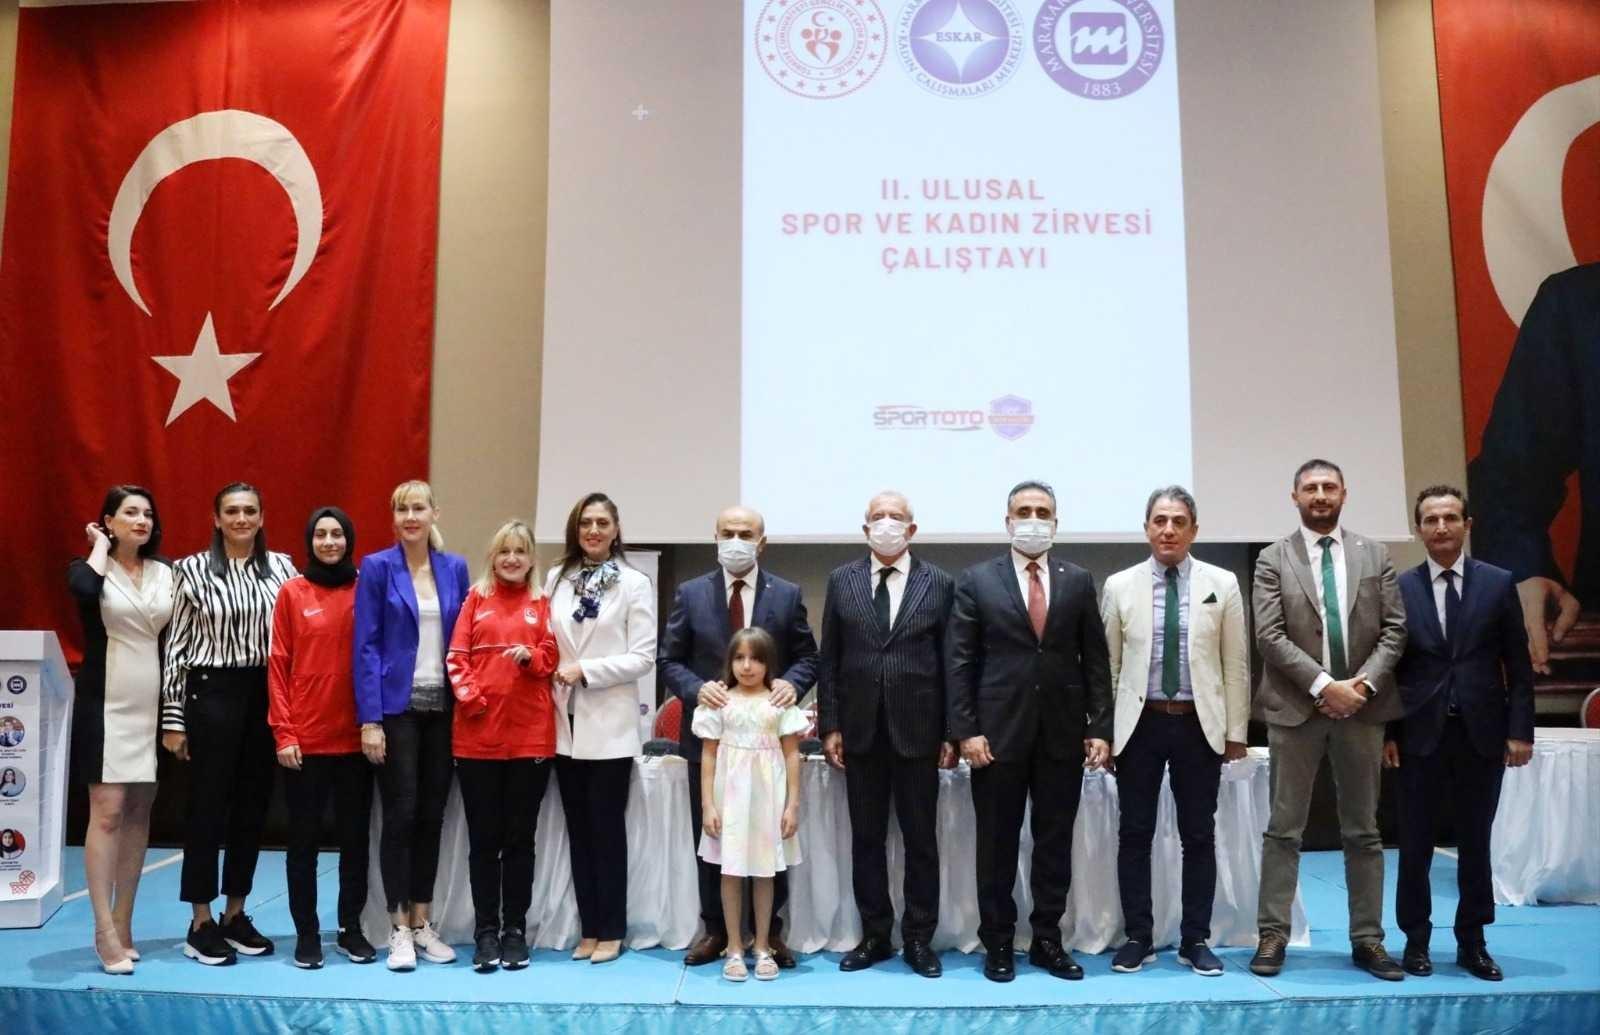 Mardin'de 2. Ulusal Spor ve Kadın Zirvesi Çalıştayı gerçekleştirildi